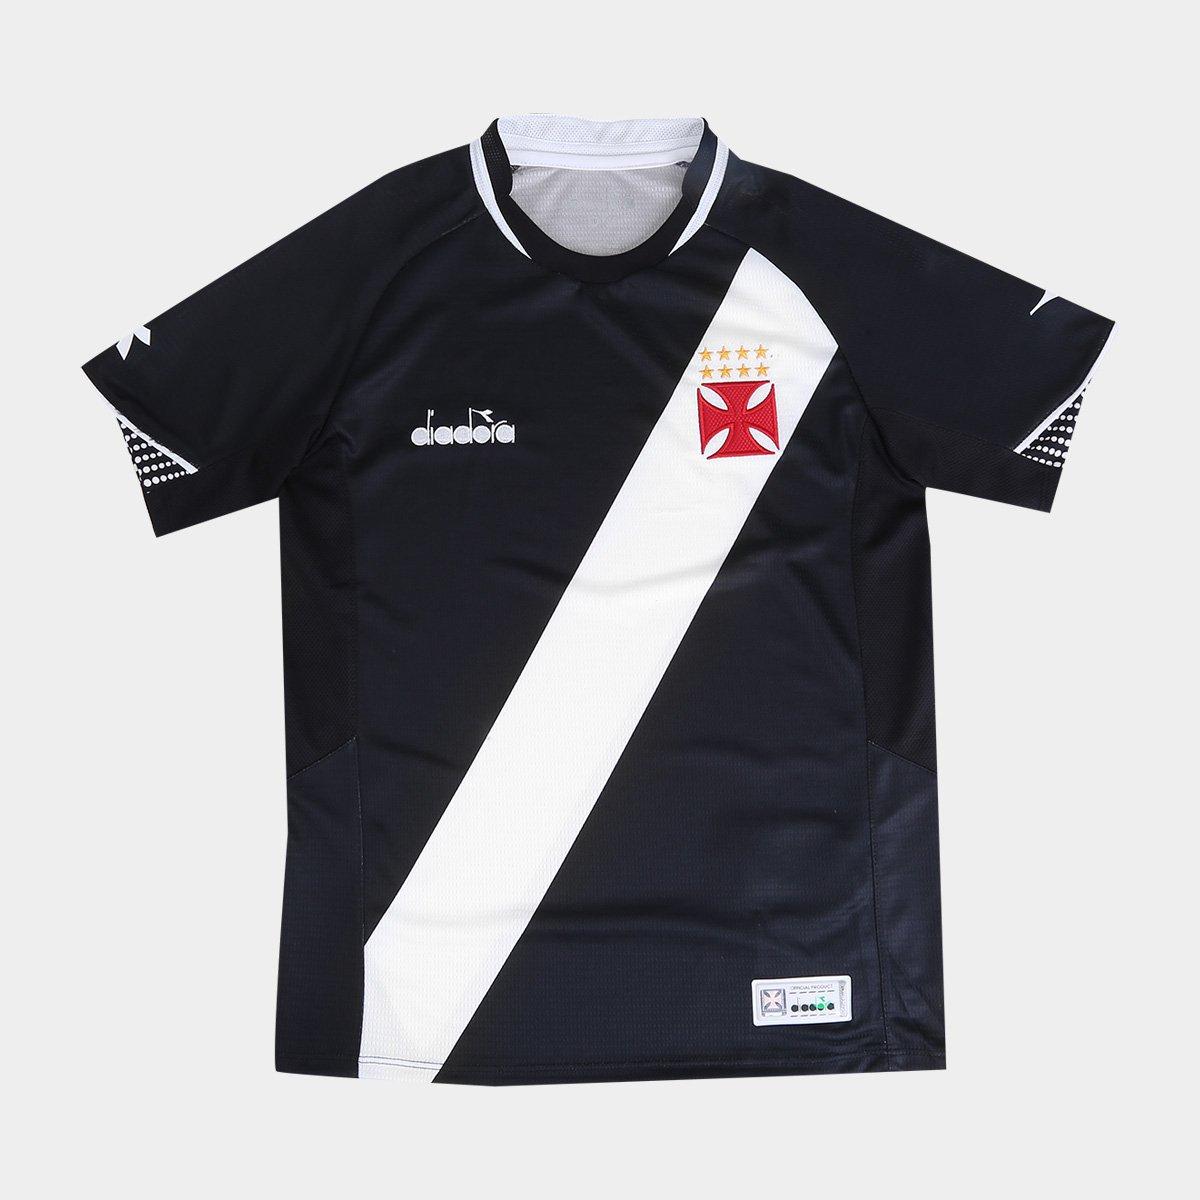 Camisa Vasco I Infantil 2018 s n° Torcedor Diadora - Preto - Compre ... 8ac0b751fca0b